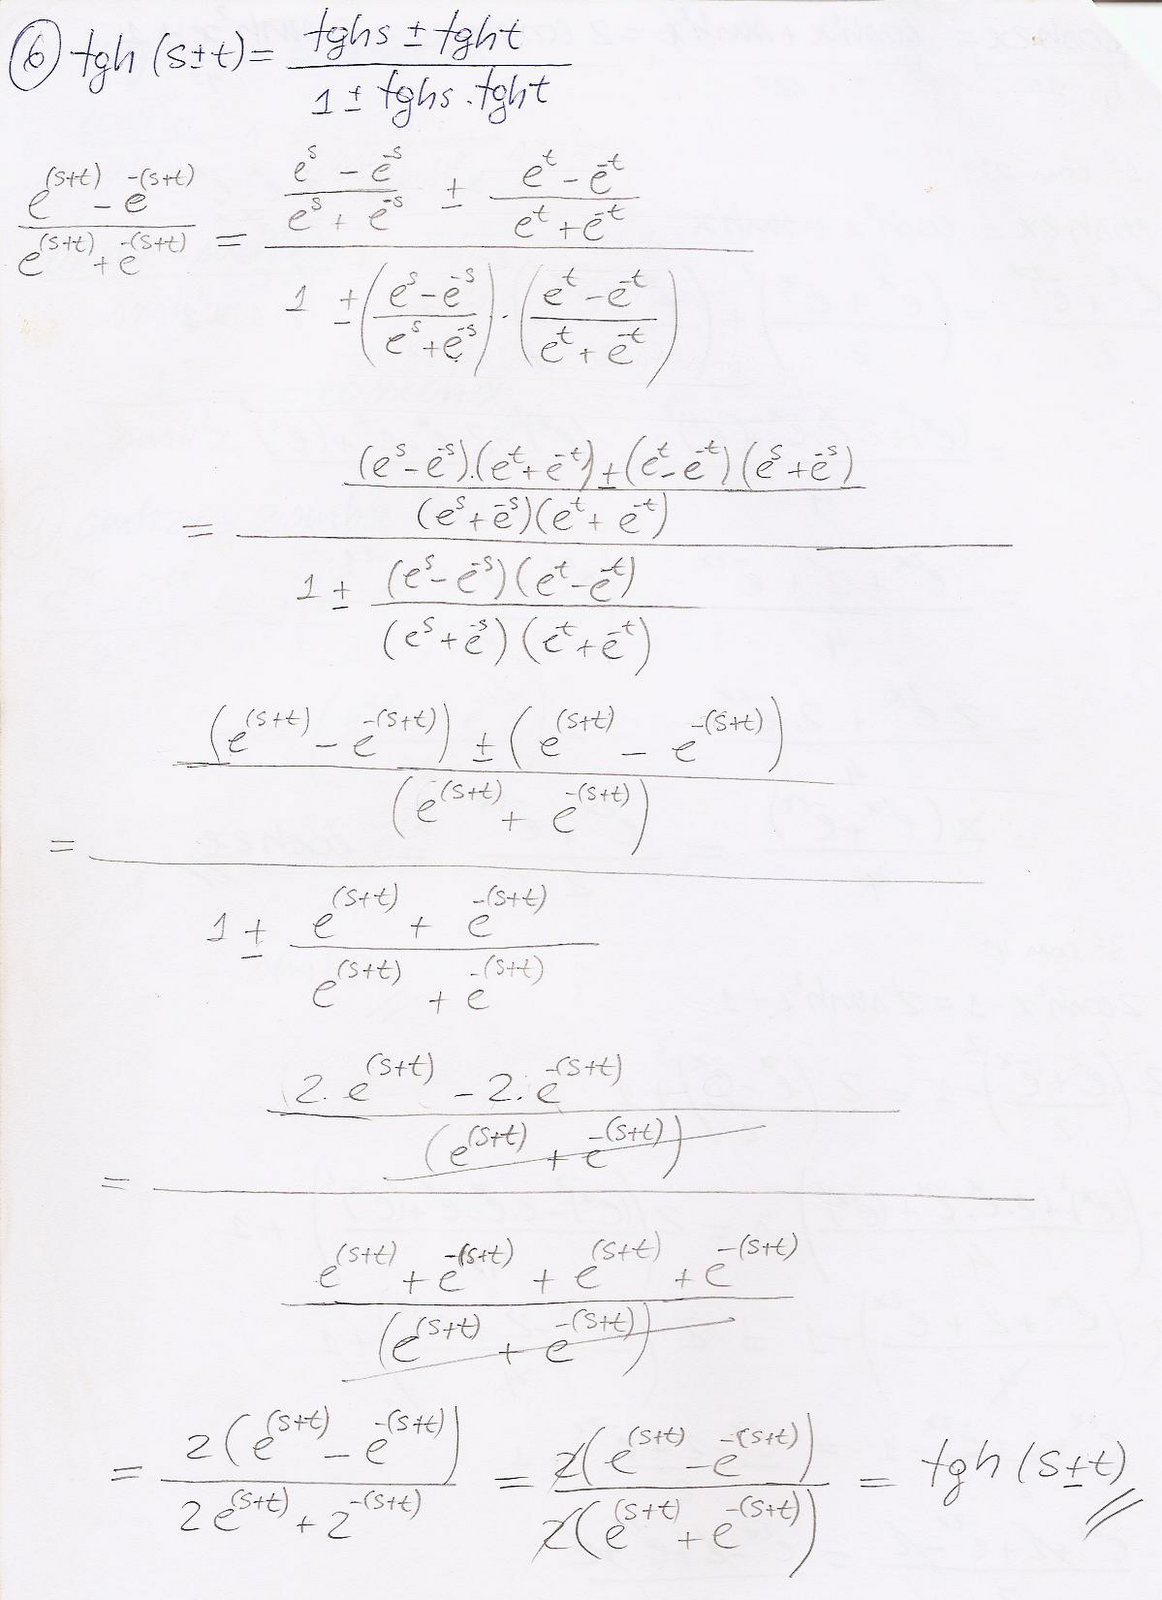 Professores, organizem sua escrita matemática - tangente hiperbólica